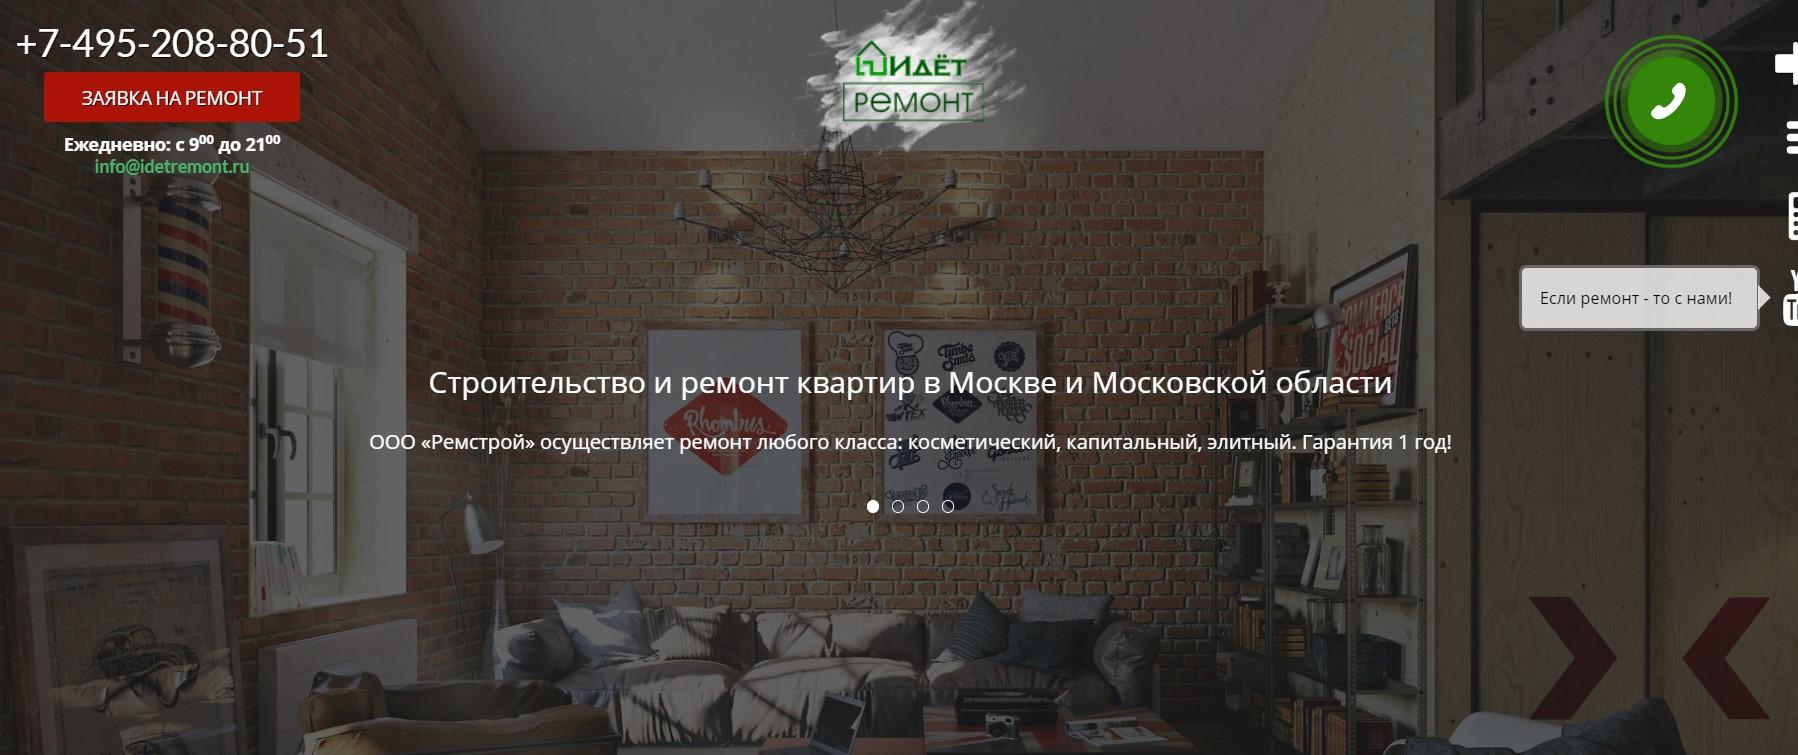 Официальный сайт компании